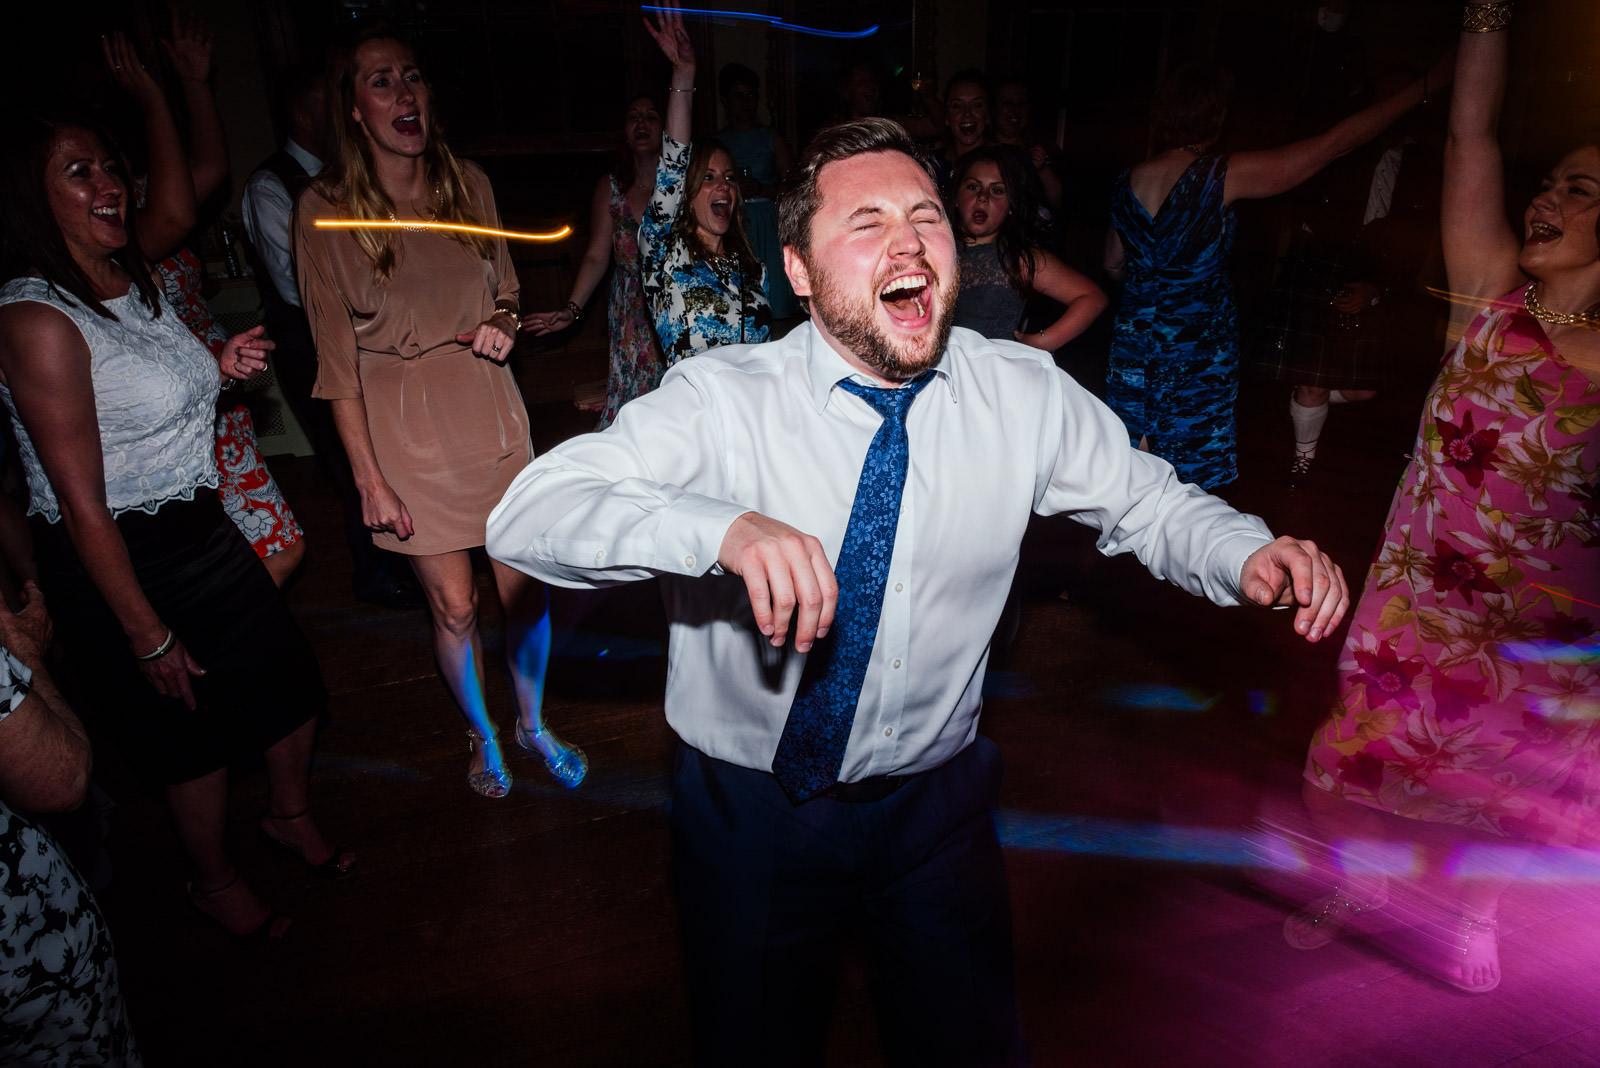 Crazy Dance Floor Photo